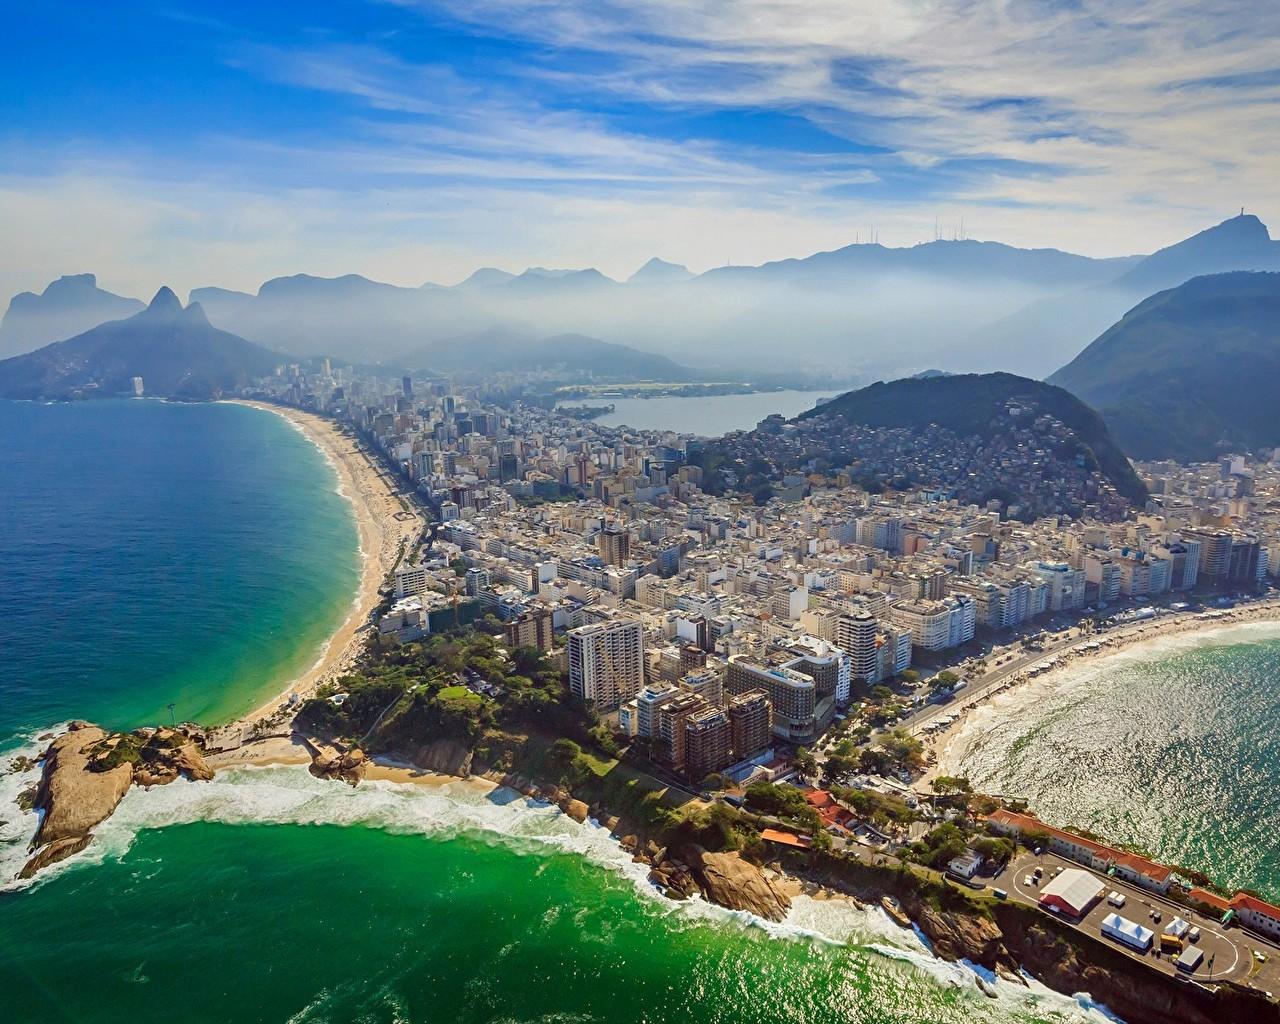 Пляж Ипанема и мыс Арпоадор в Рио де Жанейро